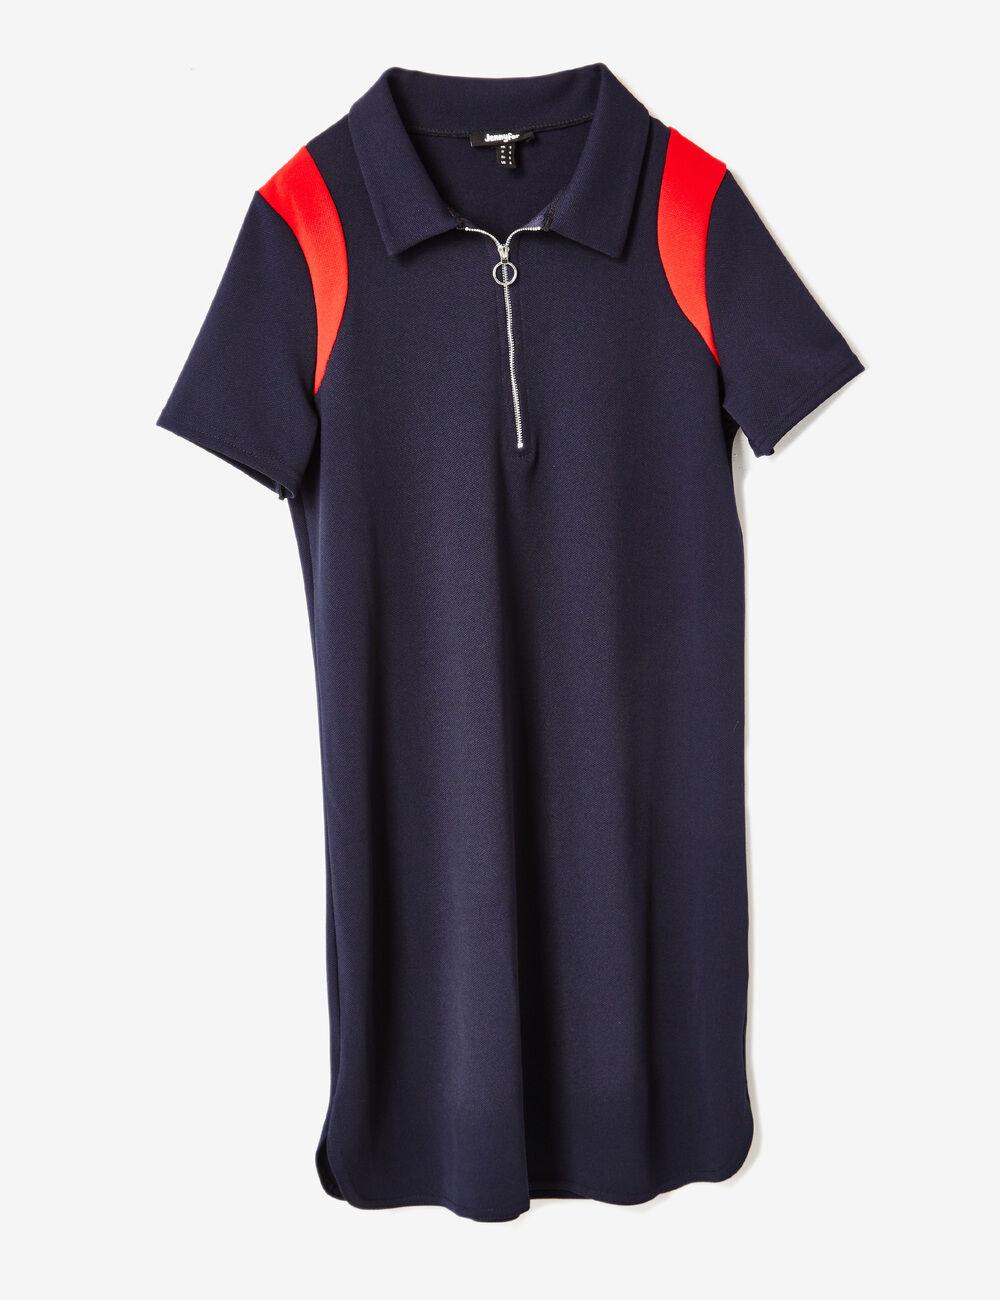 robe polo bleu marine et rouge femme jennyfer. Black Bedroom Furniture Sets. Home Design Ideas